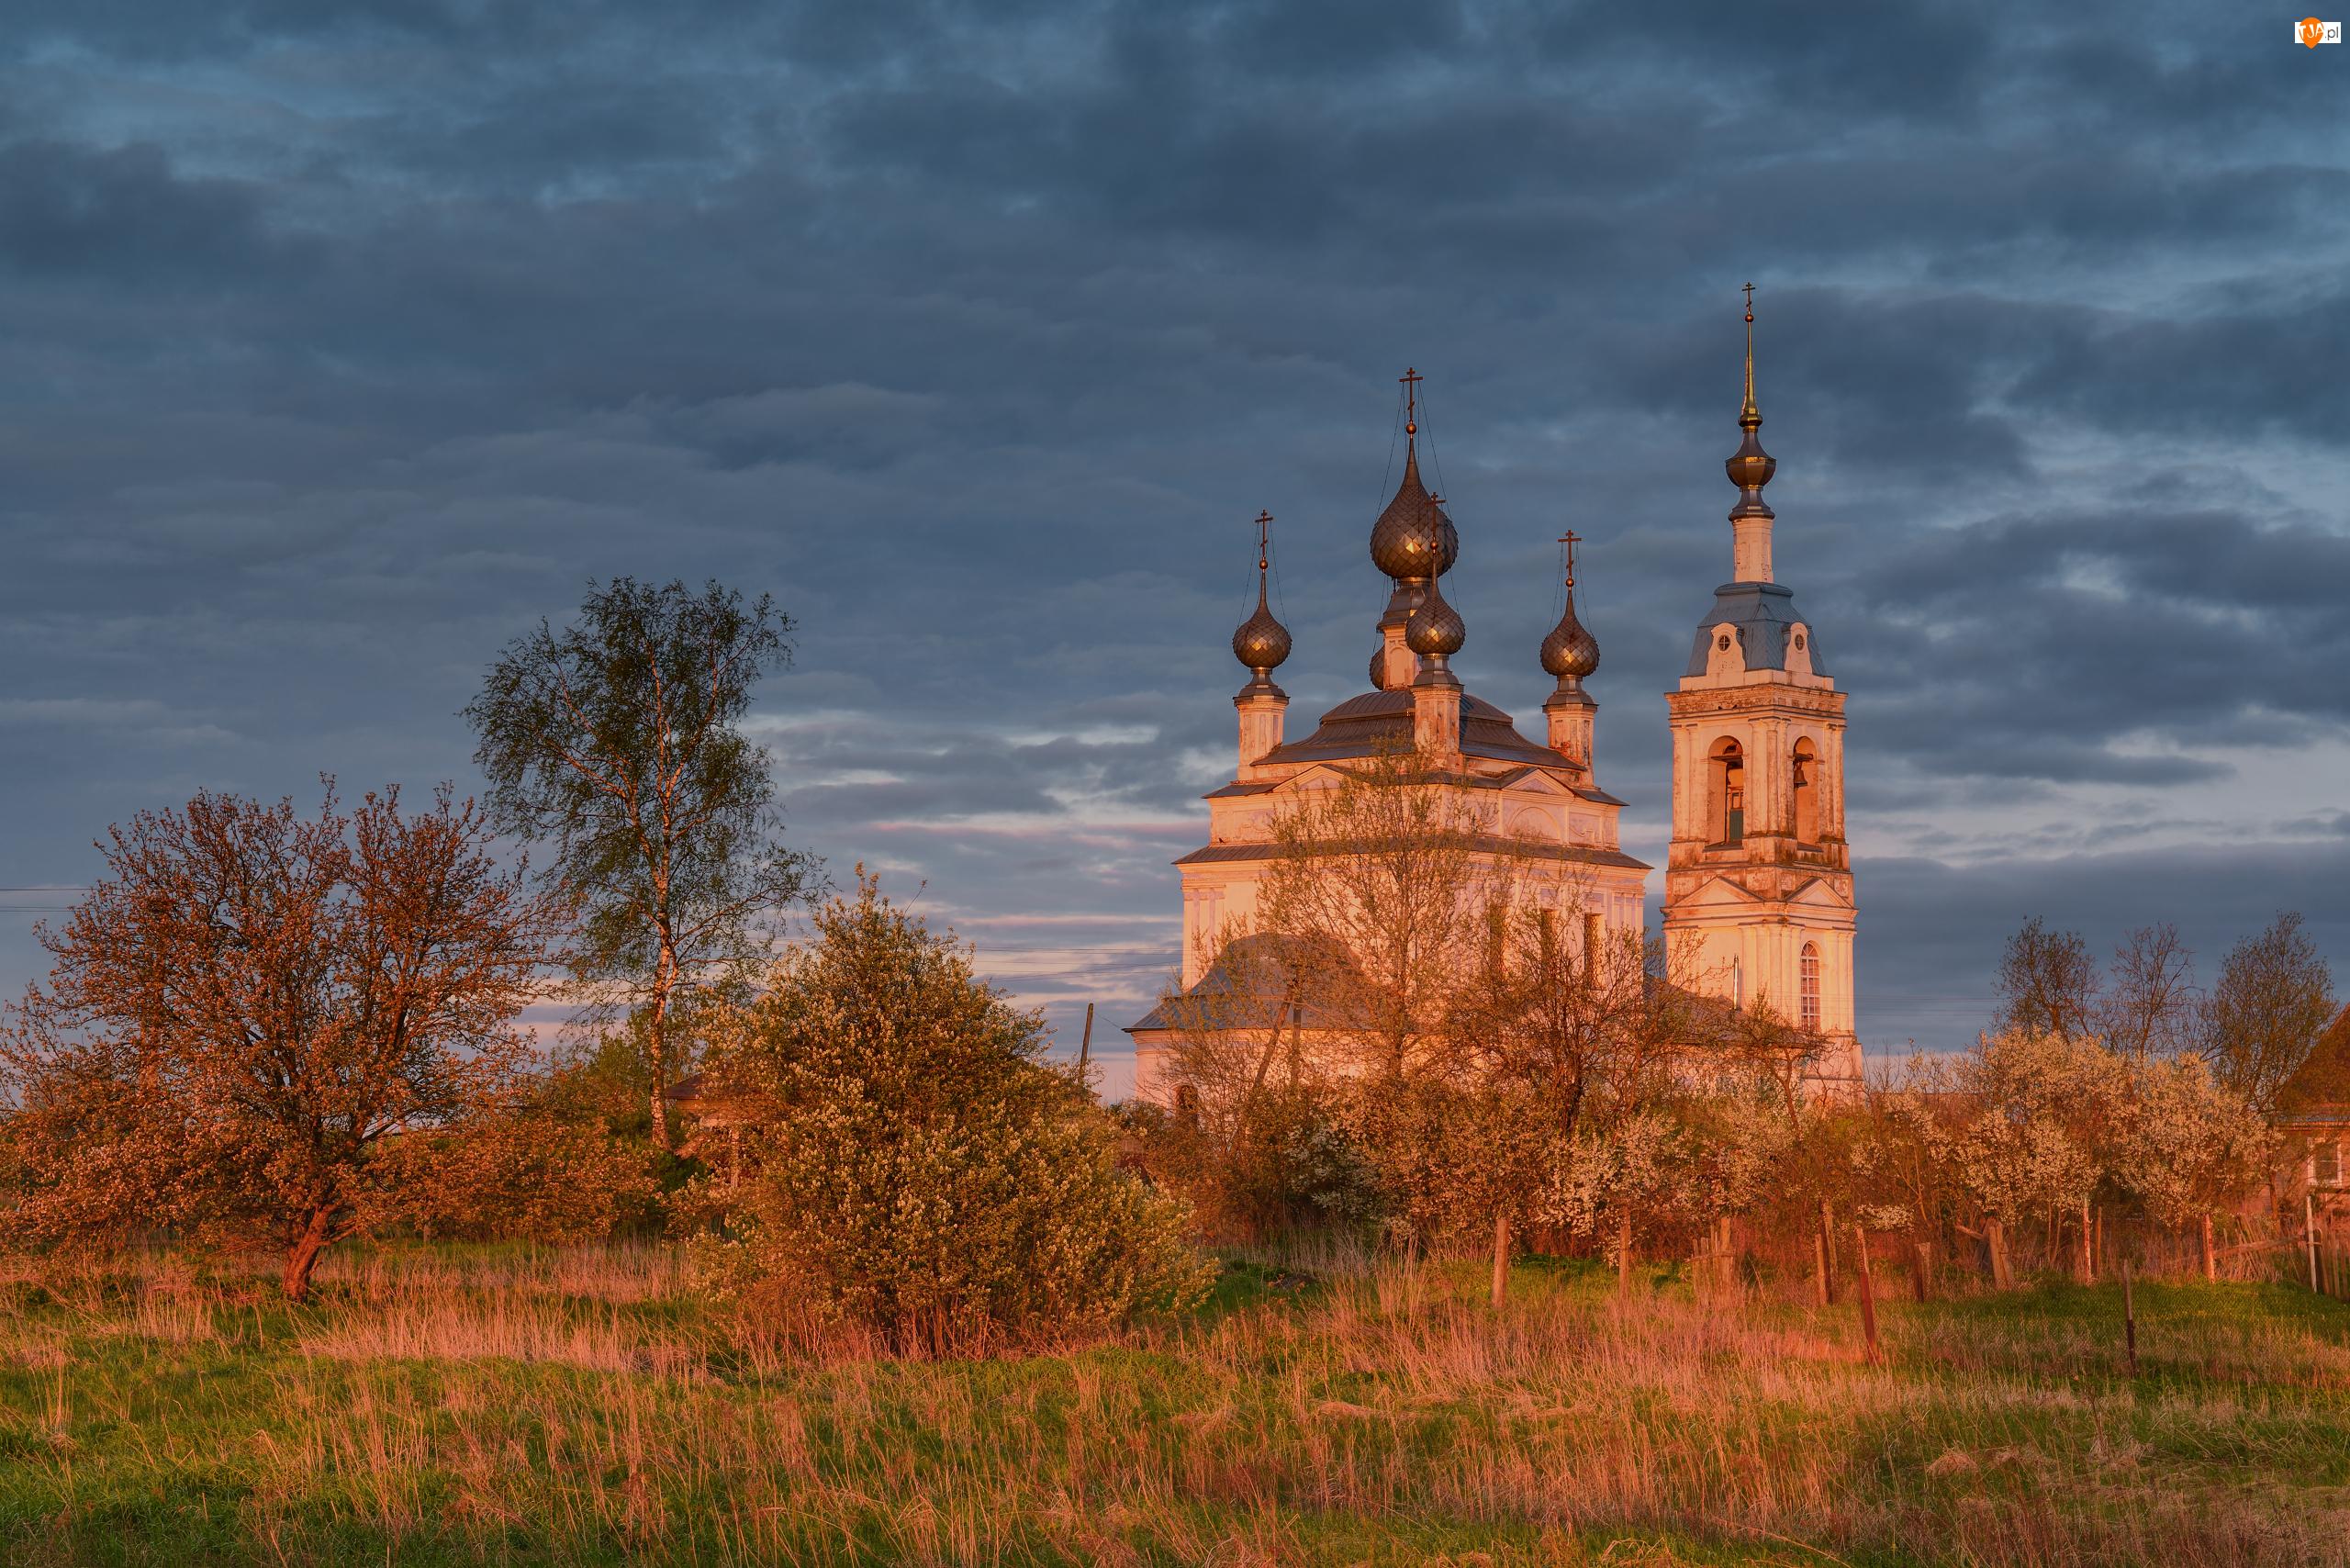 Drzewa, Rośliny, Rosja, Cerkiew, Obwód jarosławski, Savinskoye, Chmury